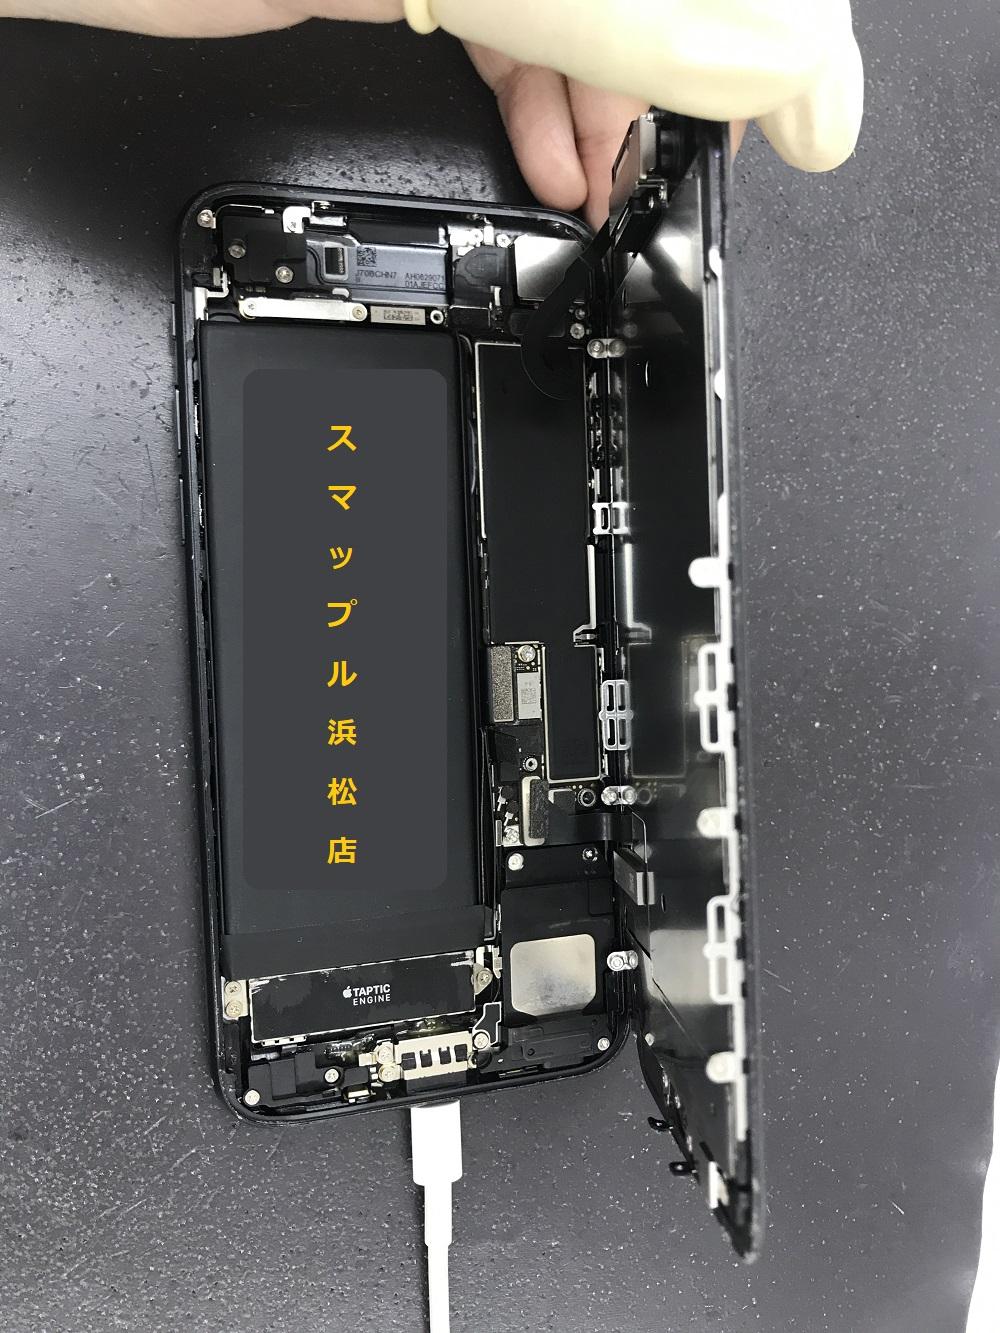 起動不良iPhone7調査1